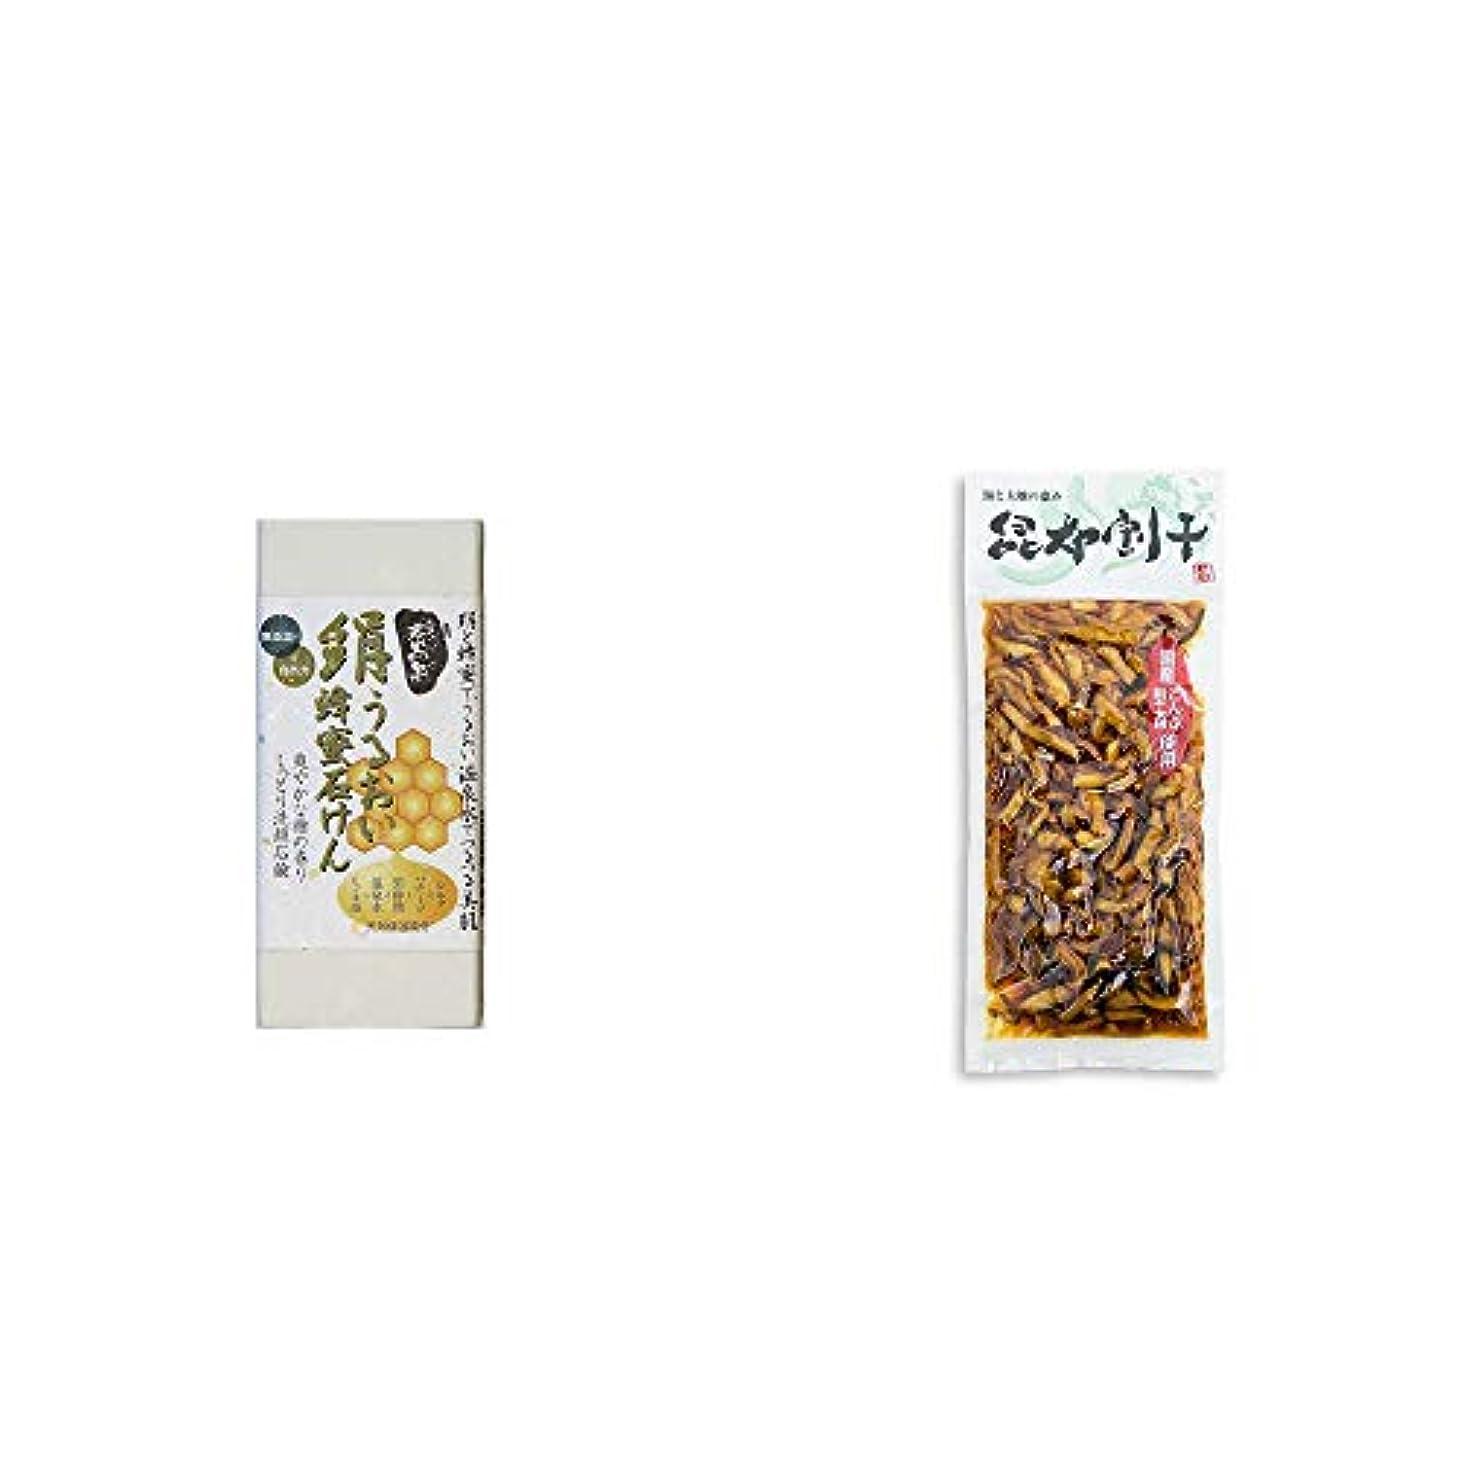 小麦補助インフルエンザ[2点セット] ひのき炭黒泉 絹うるおい蜂蜜石けん(75g×2)?海と大地の恵み 昆布割干(250g)